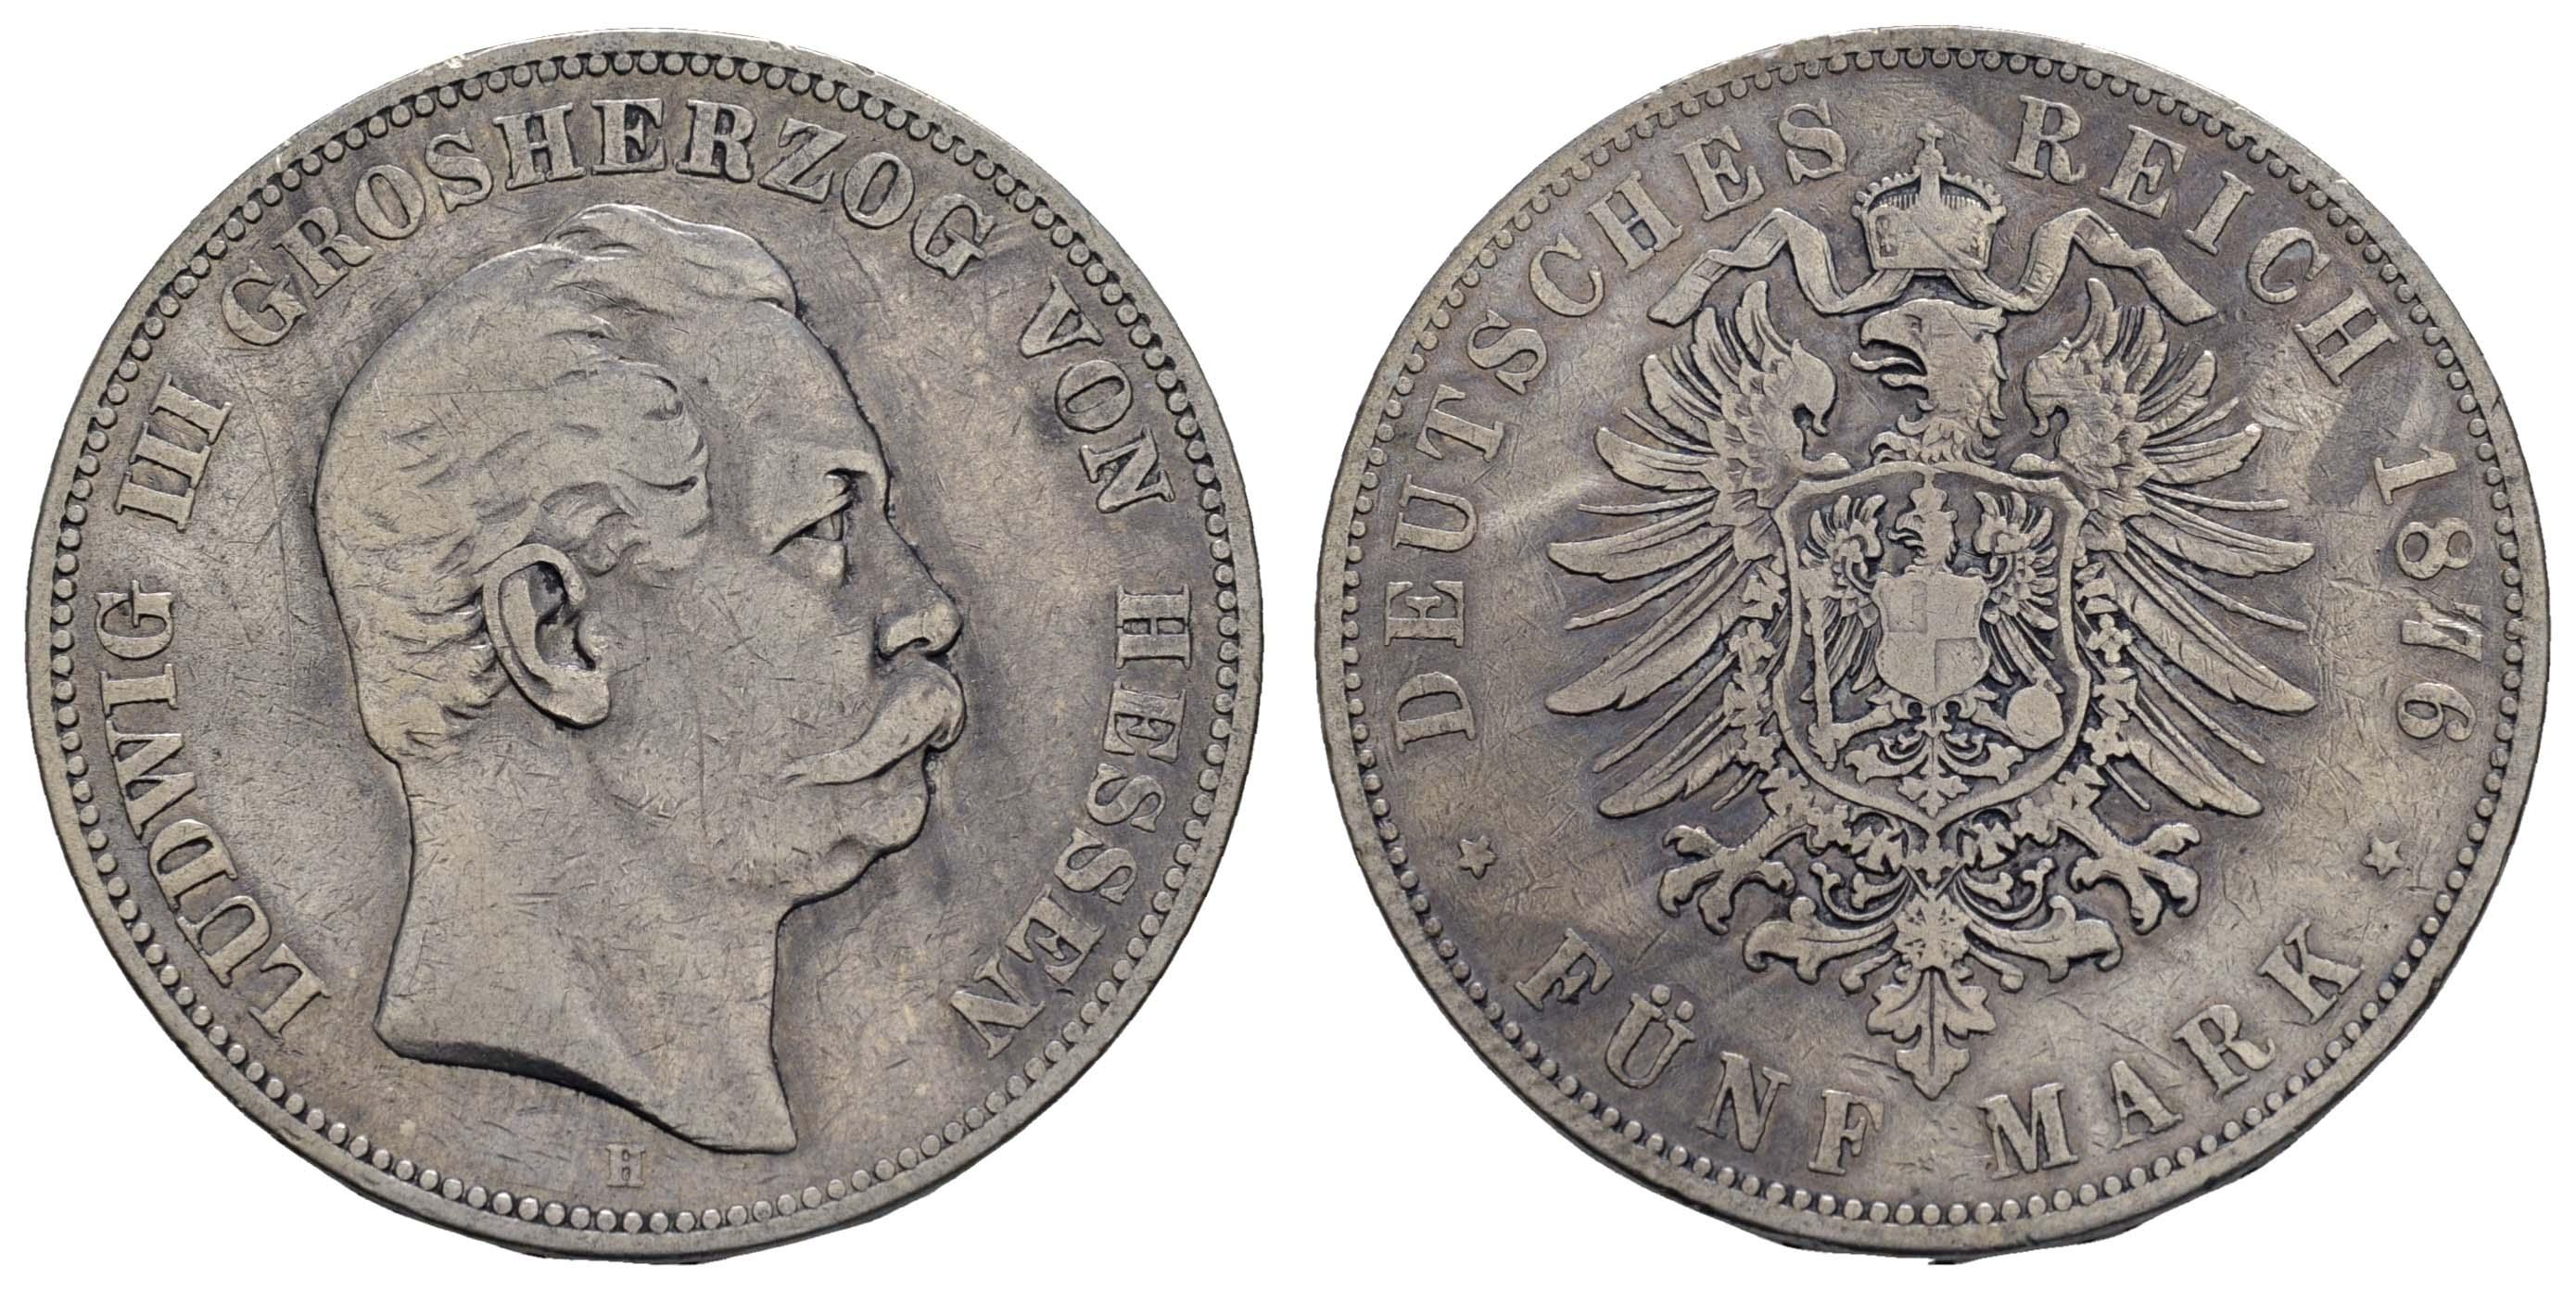 Lot 9149 - sammlungen Deutschland 1800-1871 -  Auktionshaus Ulrich Felzmann GmbH & Co. KG Coins single lots